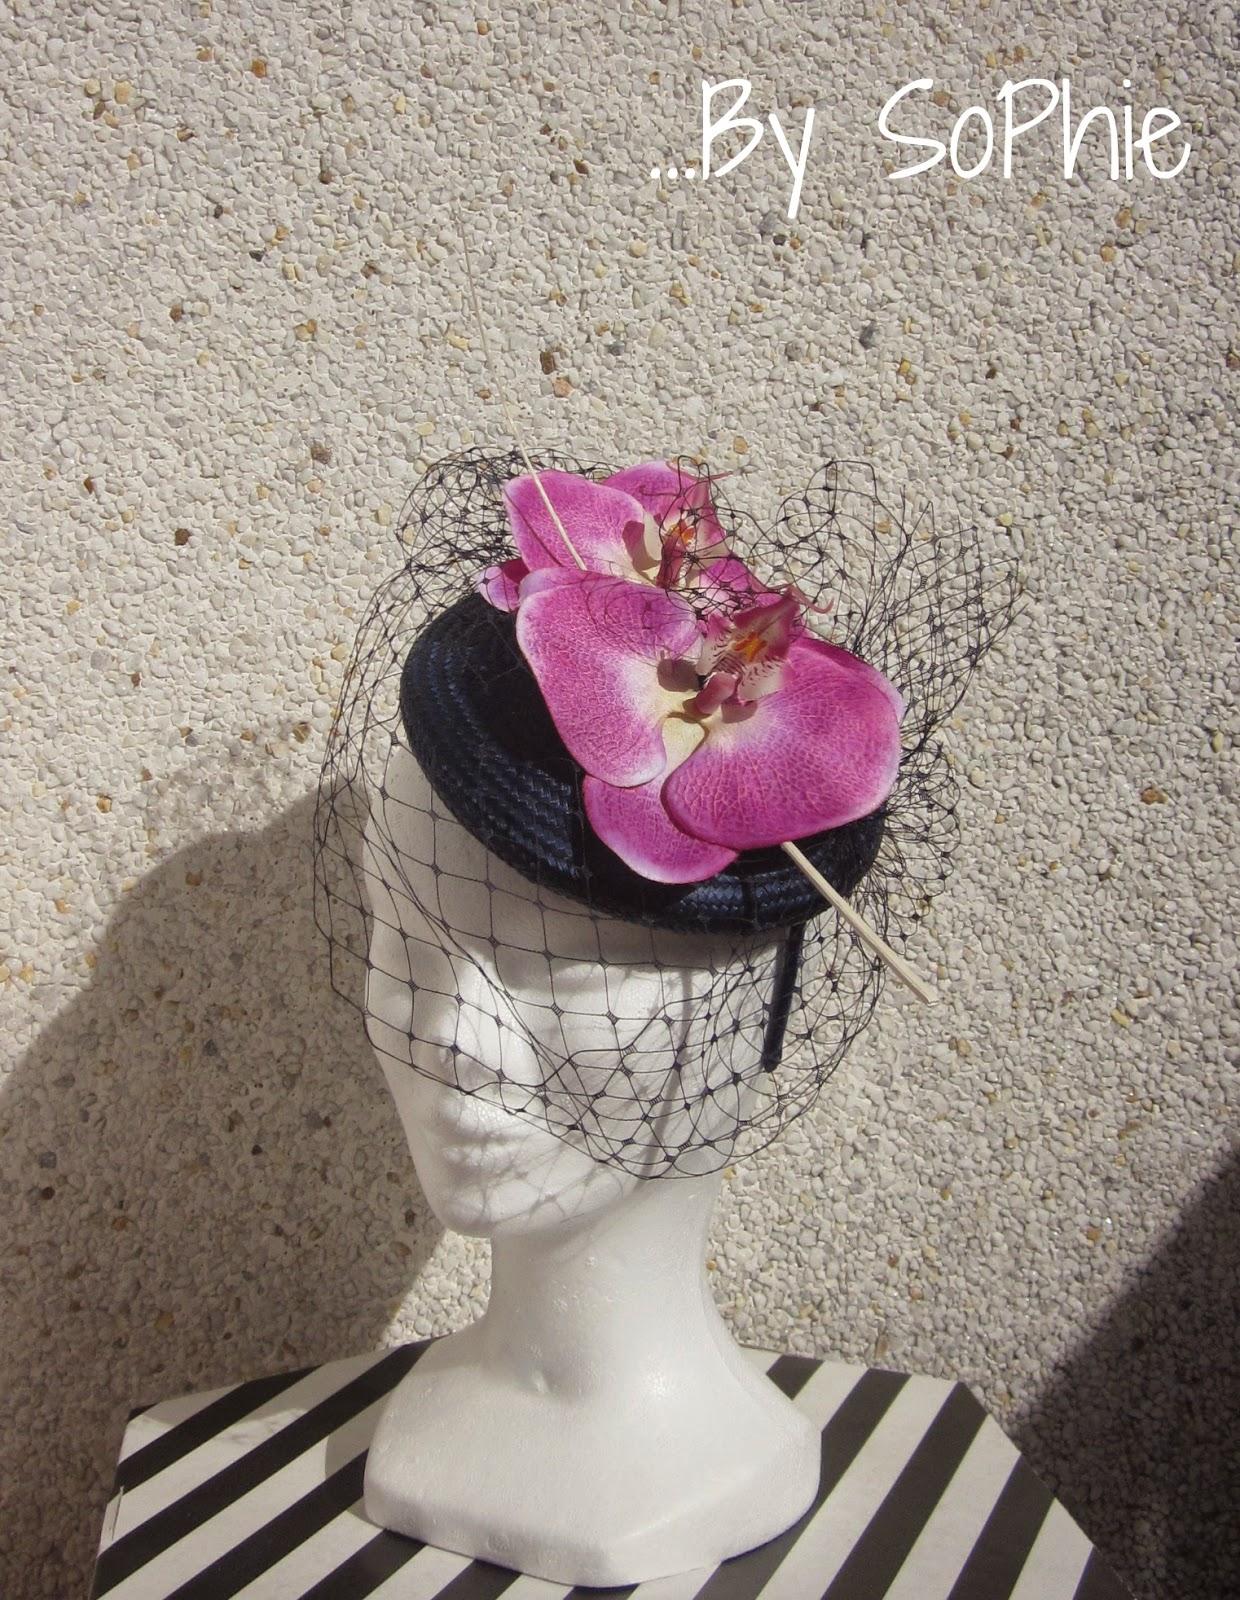 Tocado orquideas mayo 14 02